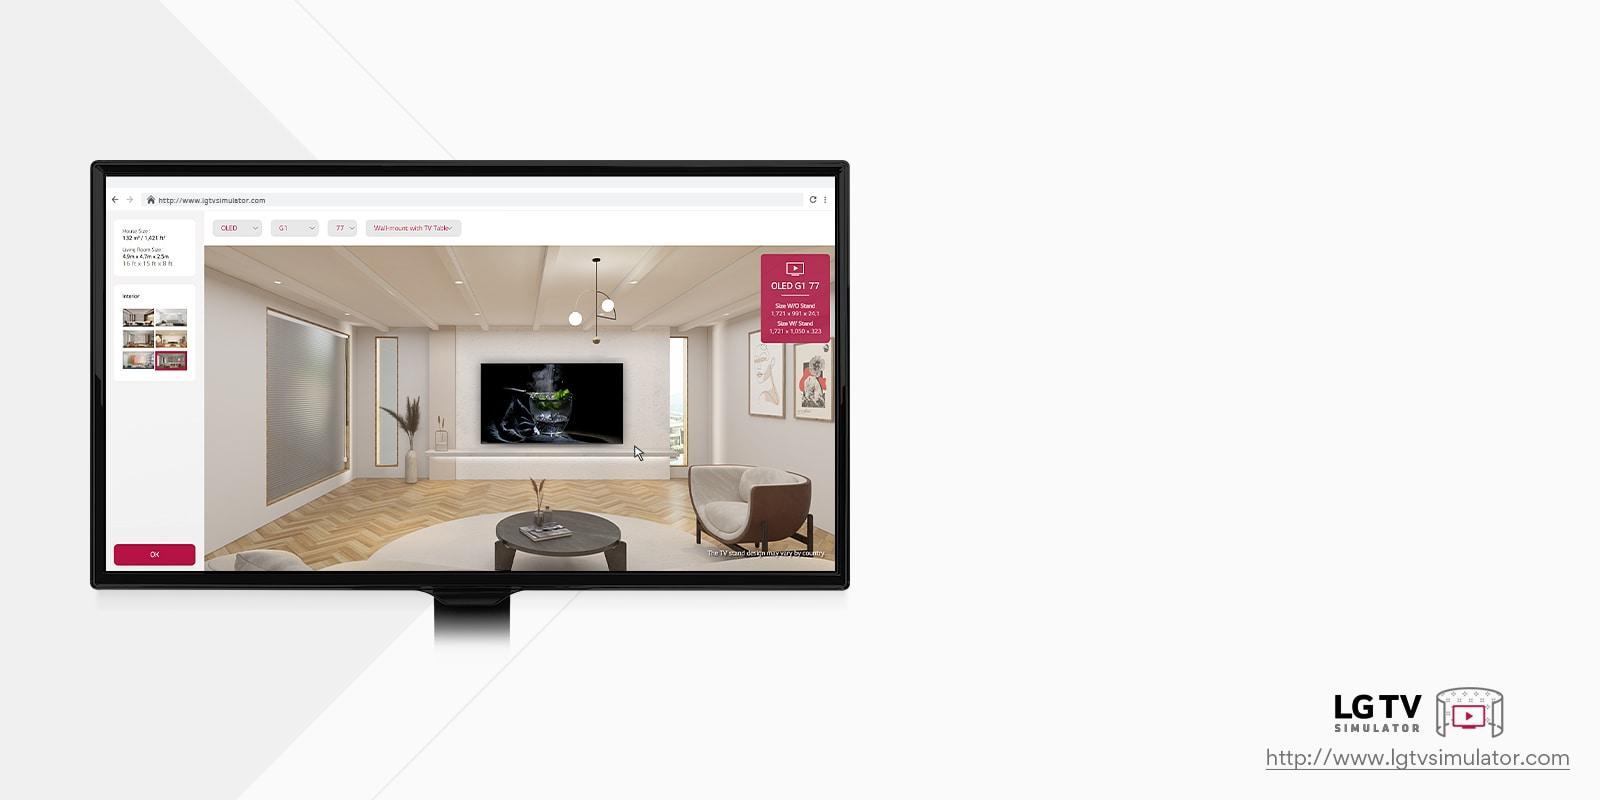 To je obrazložitvena slika simulatorja, ki vam bo omogočila, da vse modele LG TV postavite v virtualno sobo.